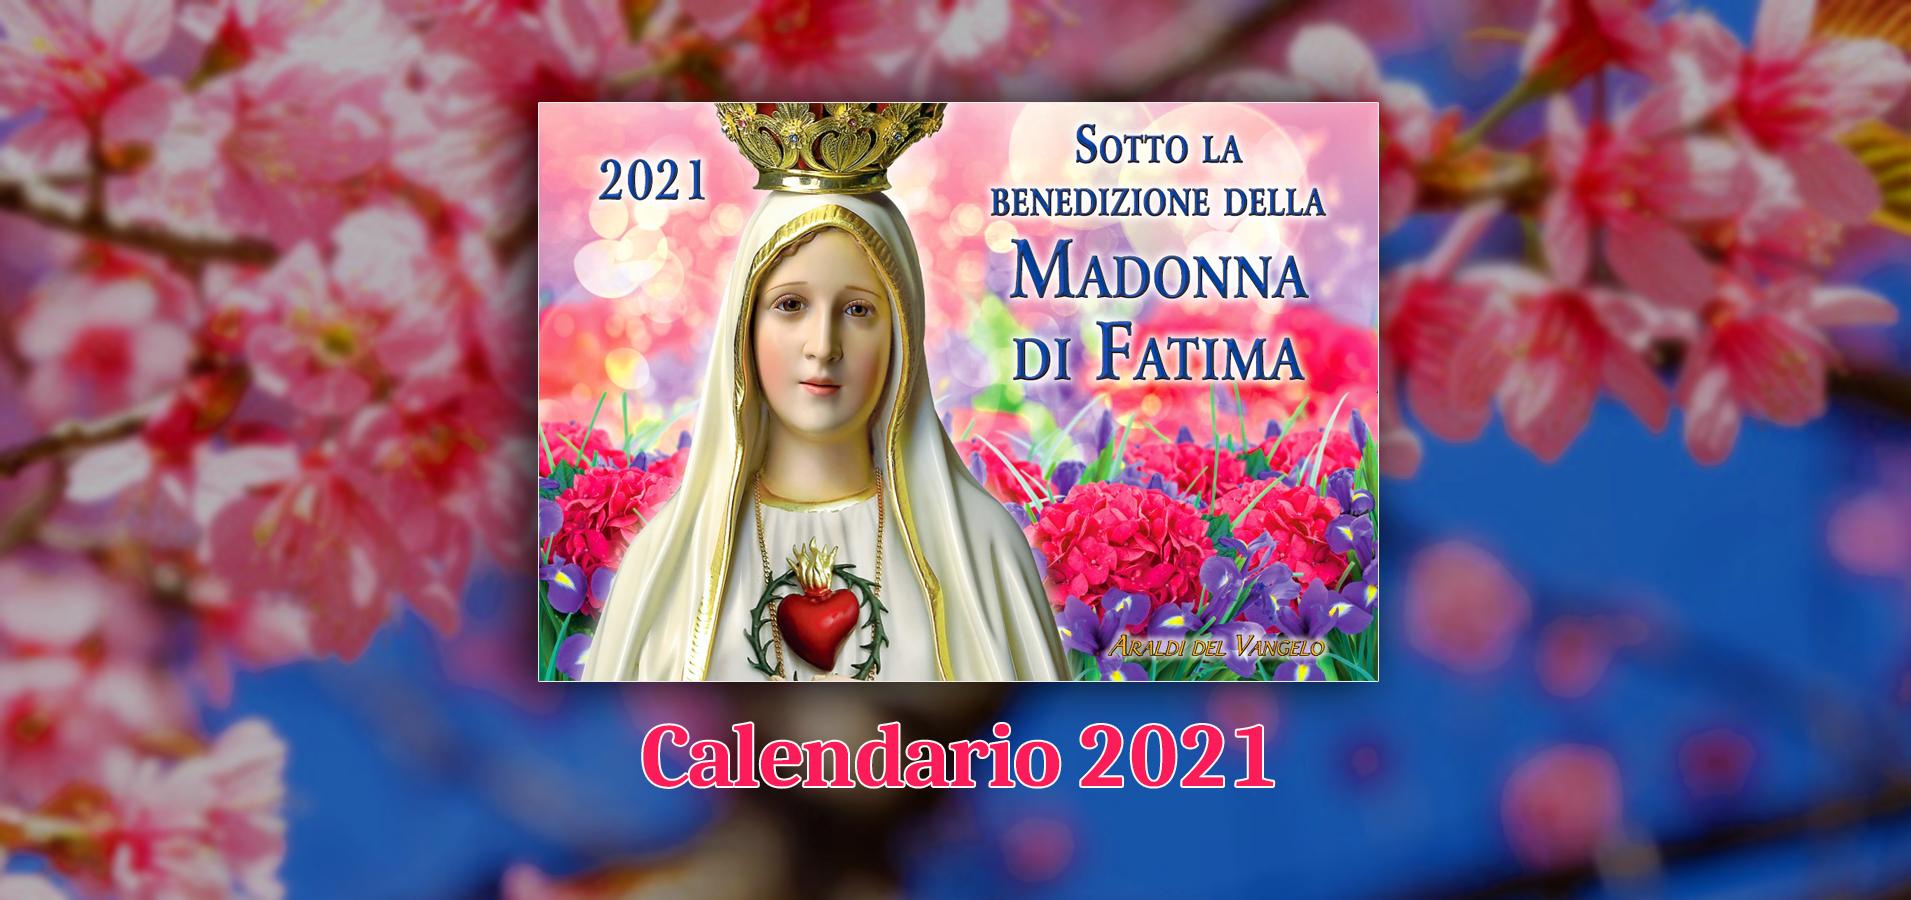 Calendario 2021 banner home